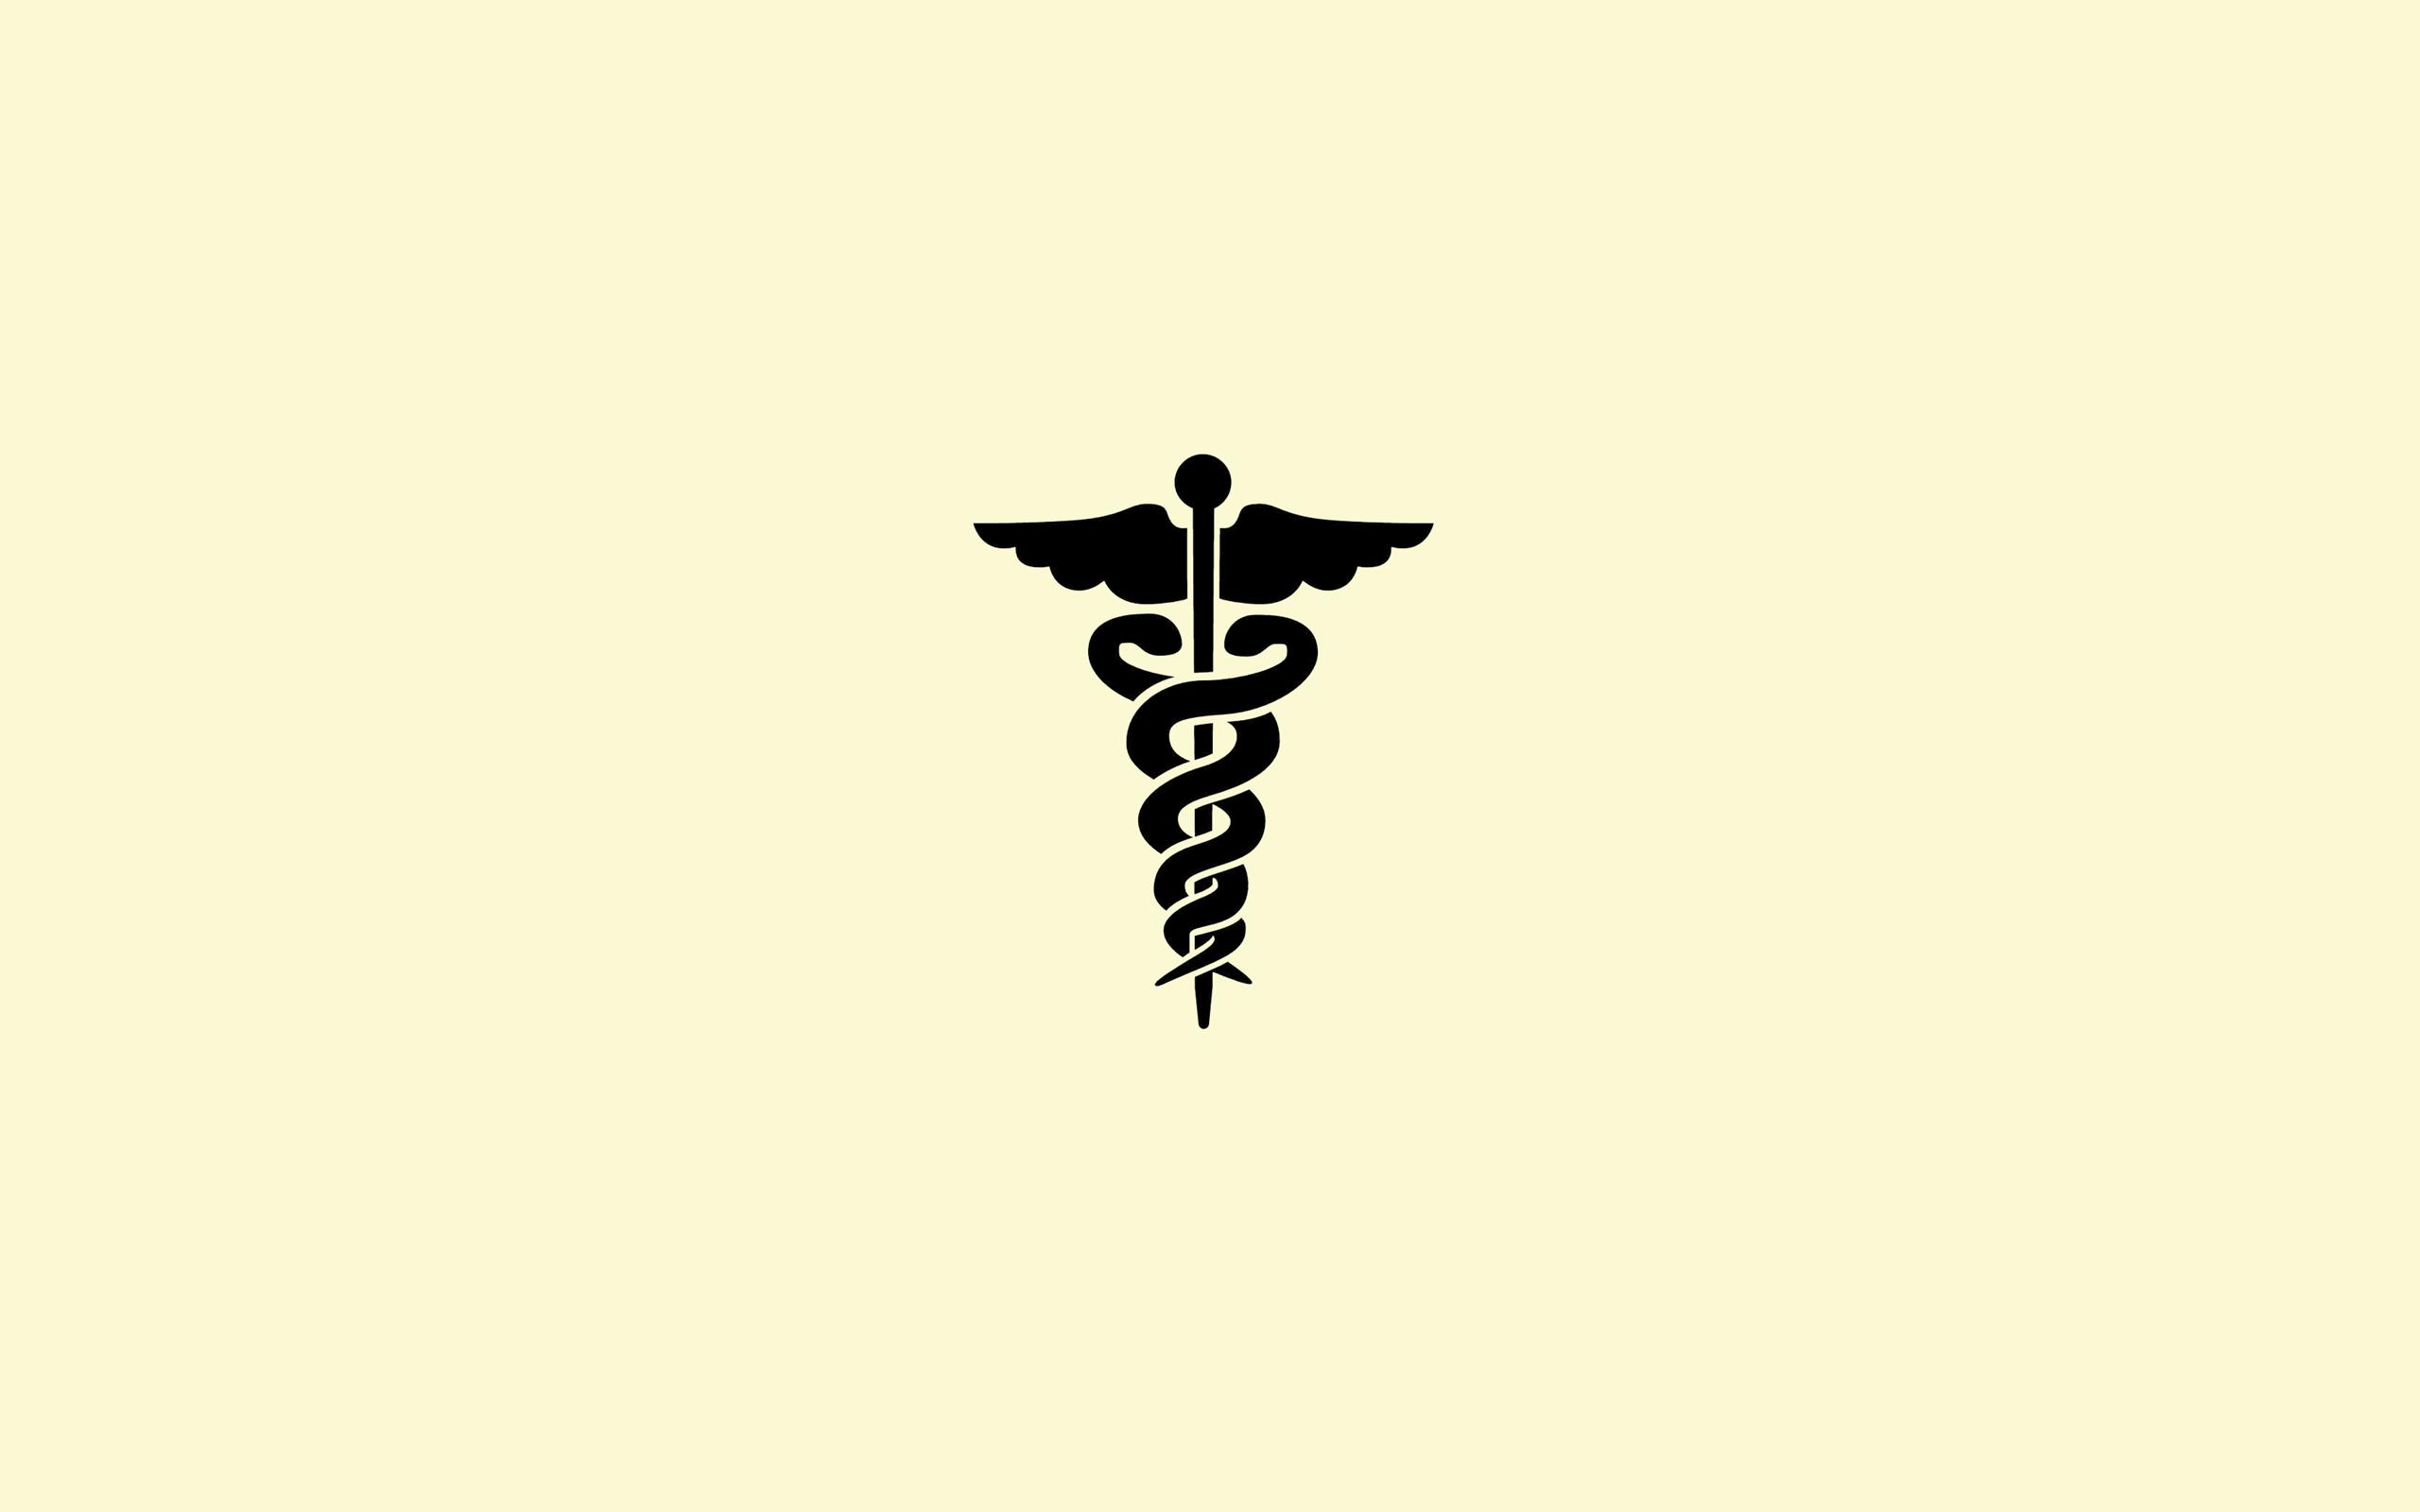 HD Medical Wallpaper